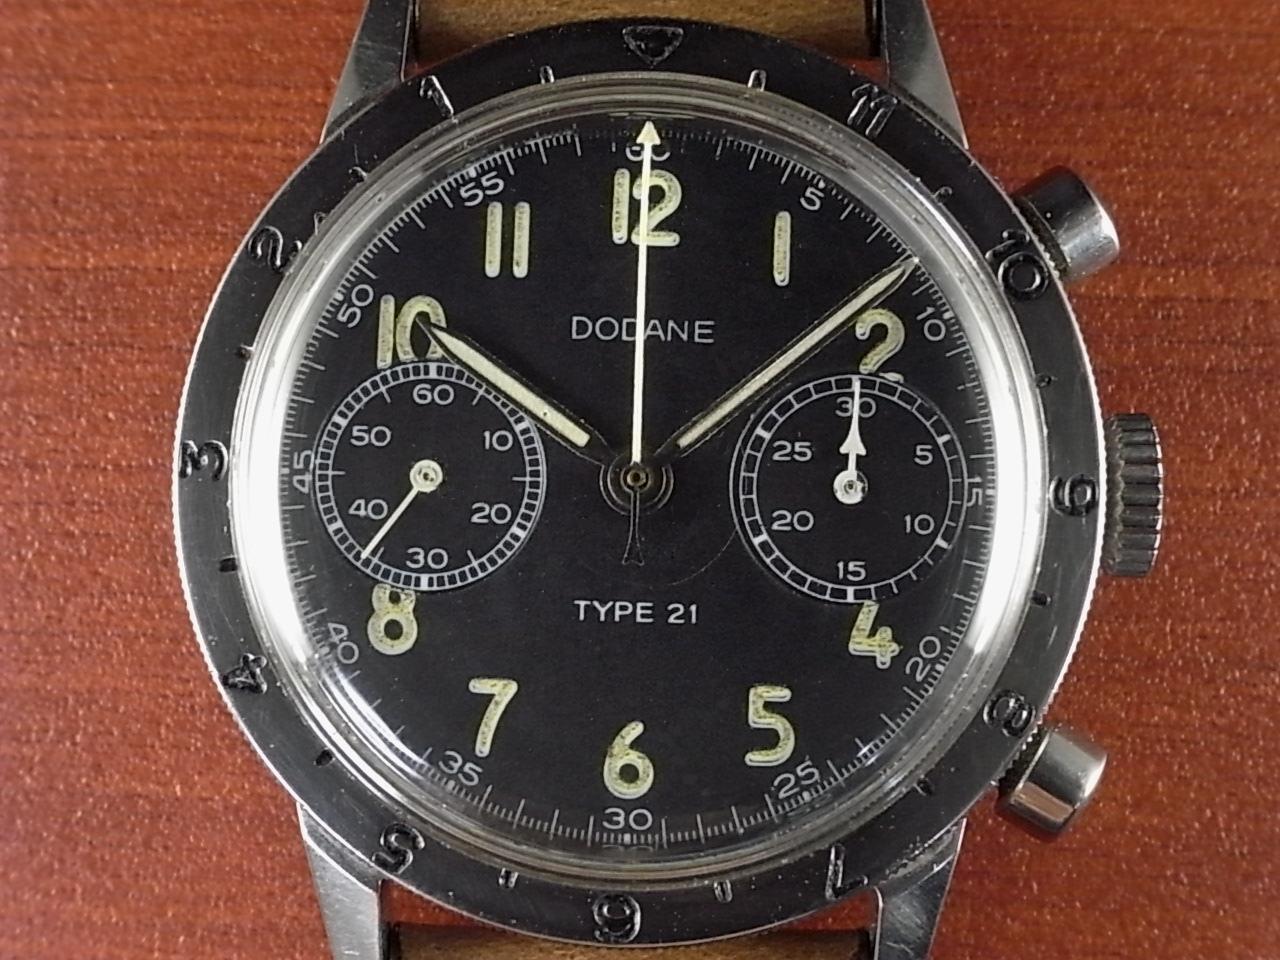 ドダンヌ フランス空軍 タイプ21 フライバッククロノグラフ Cal.222 1960年代の写真2枚目